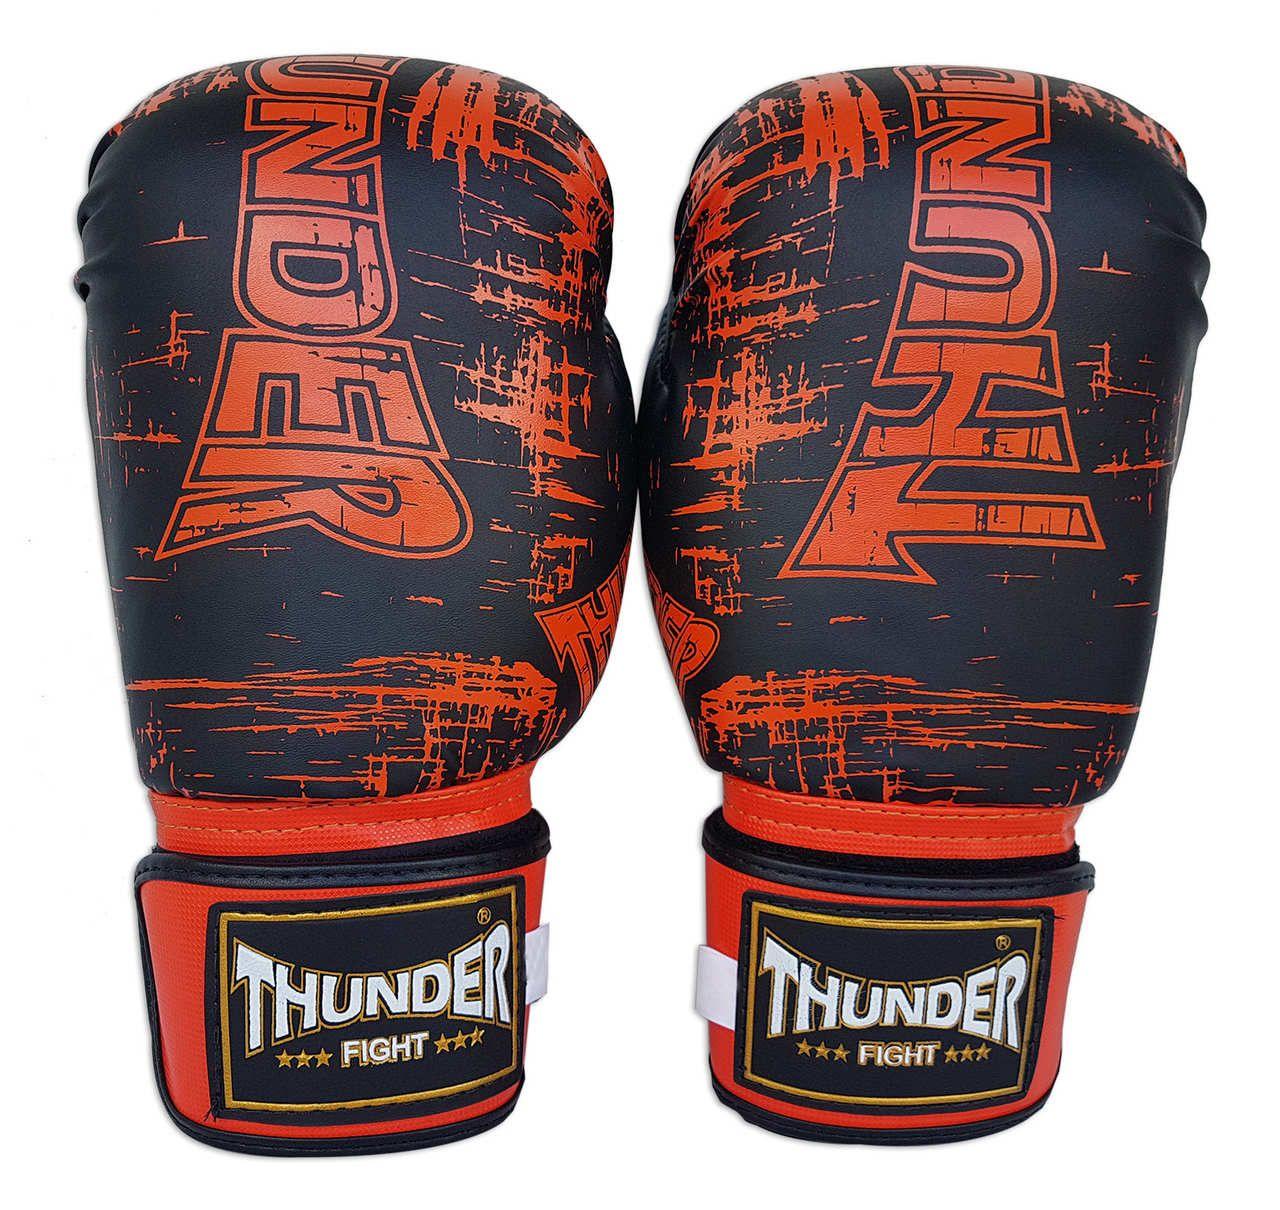 Super Kit de Muay Thai / Kickboxing 16oz - Caneleira M - Preto / Laranja - Thunder Fight  - PRALUTA SHOP